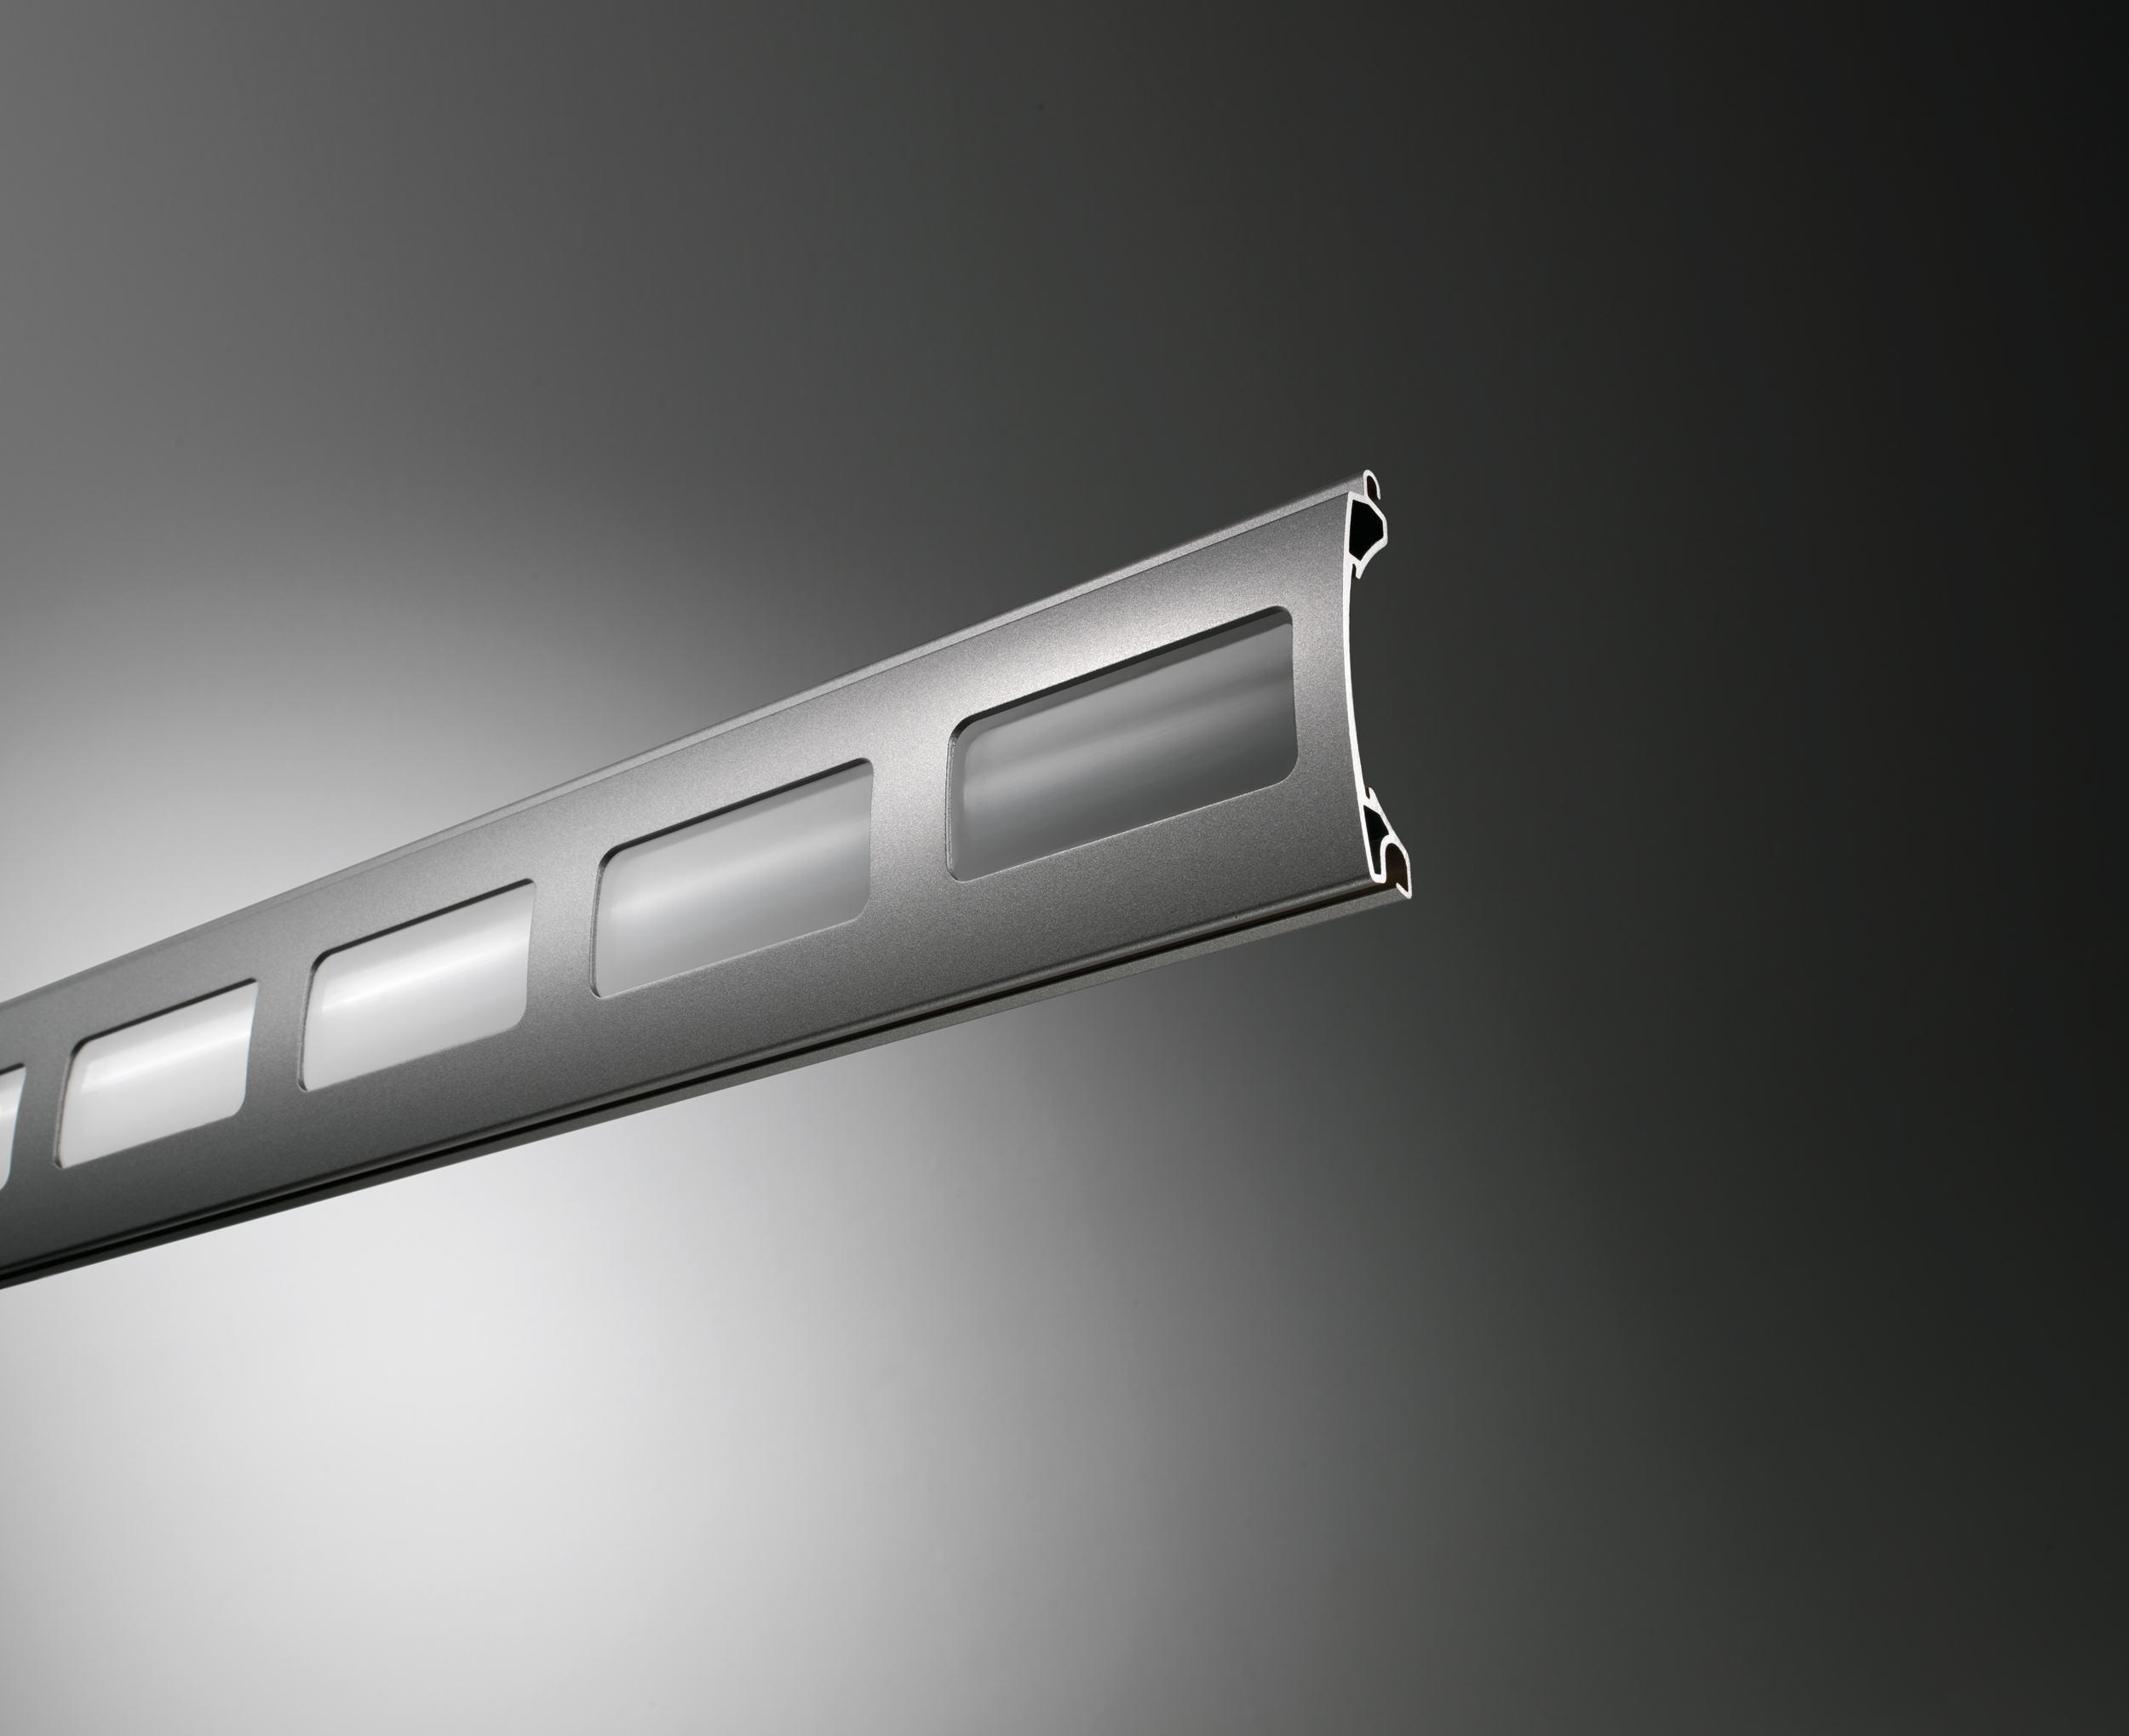 lichtfensterlamelle für Garagentore